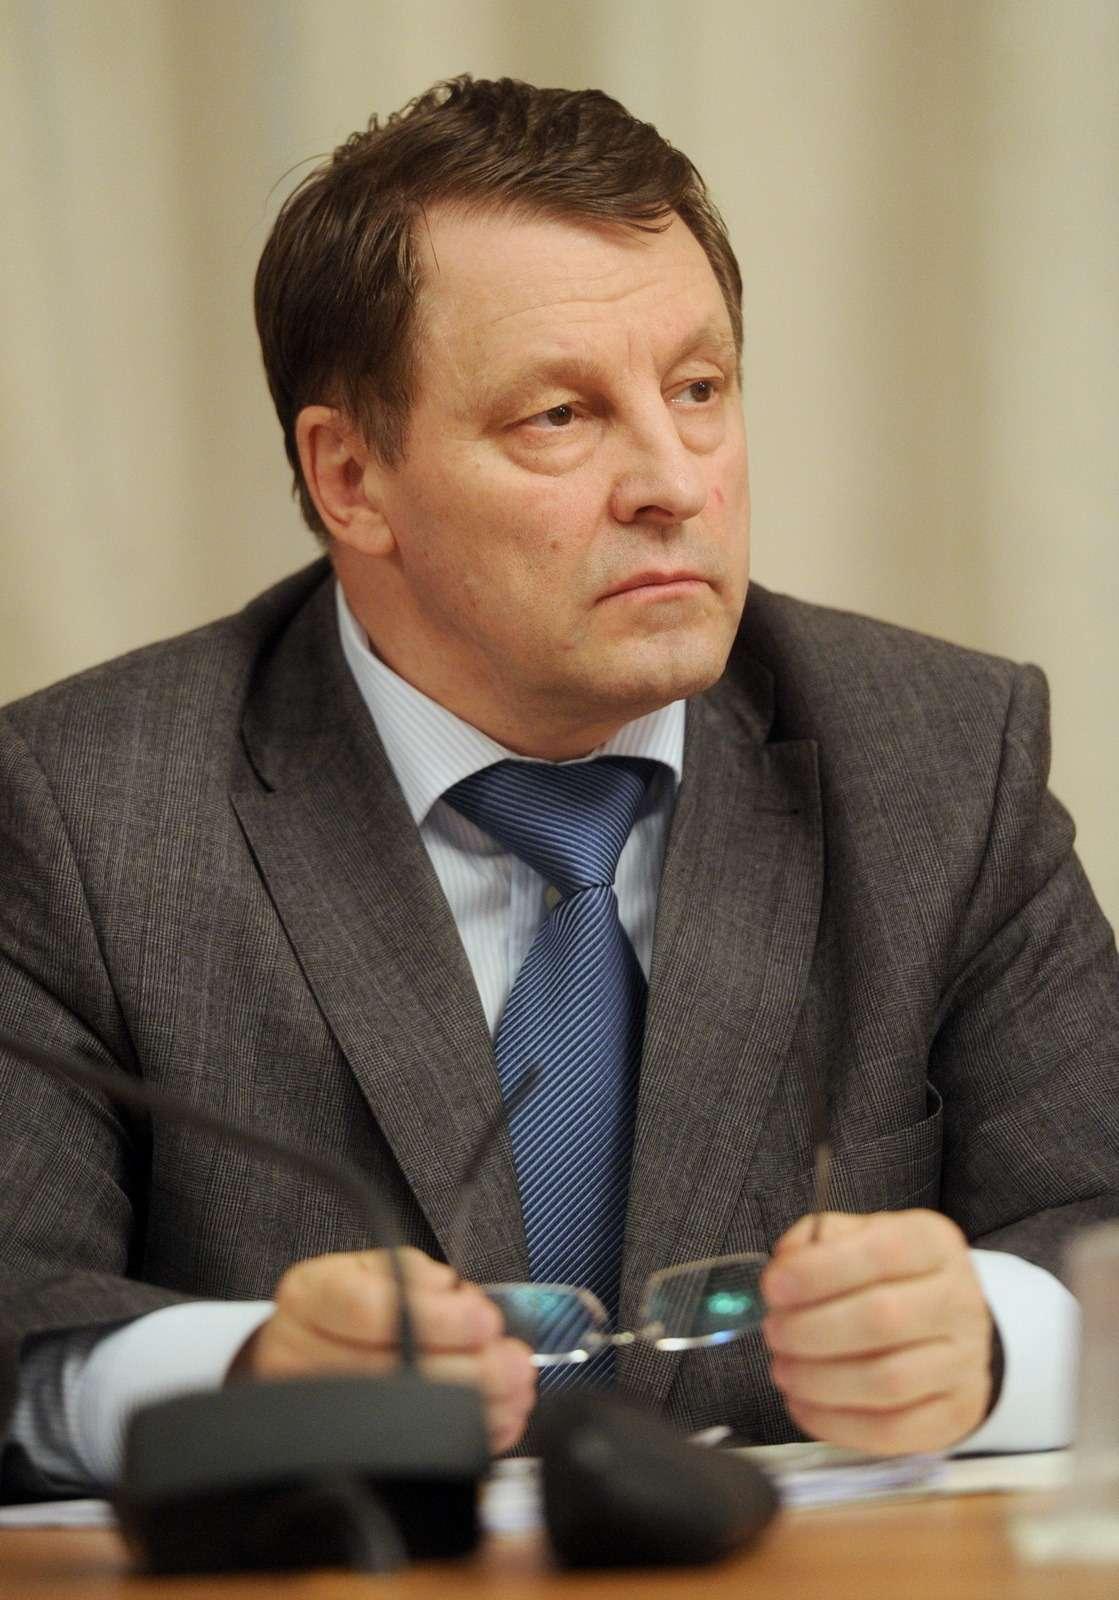 Заседание комитета Госдумы РФпоконституционному законодательству игосстроительству